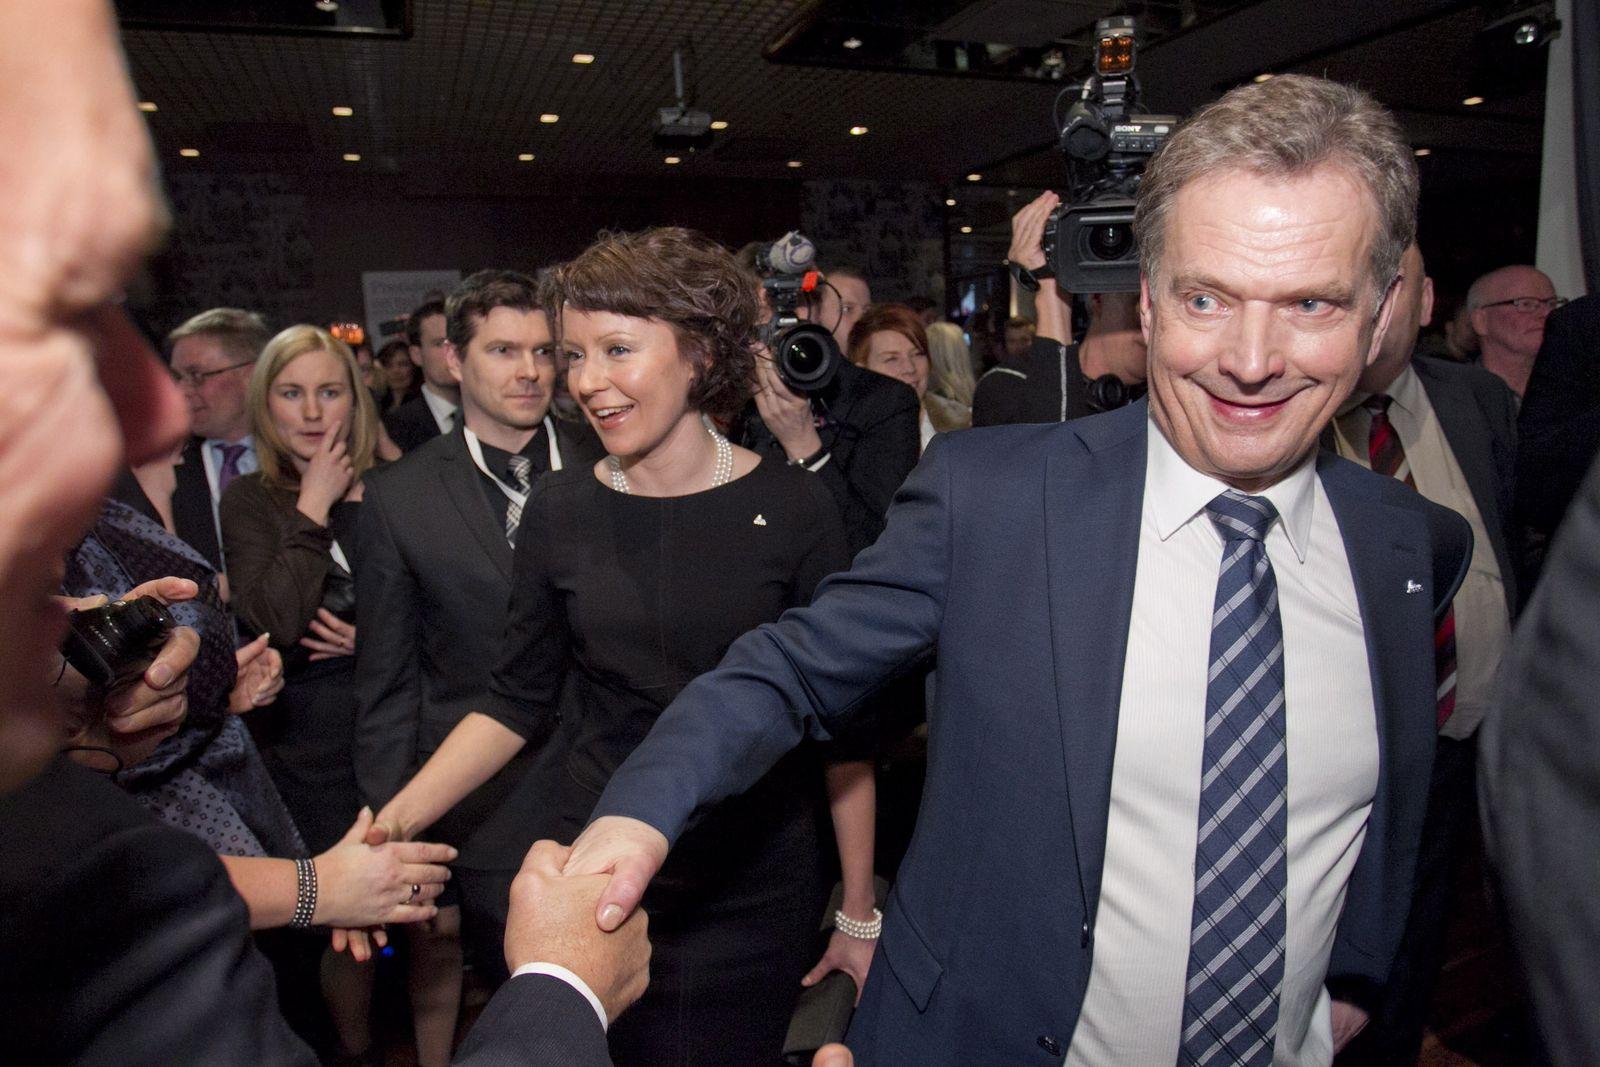 Sauli Niinistö Präsident Finnland